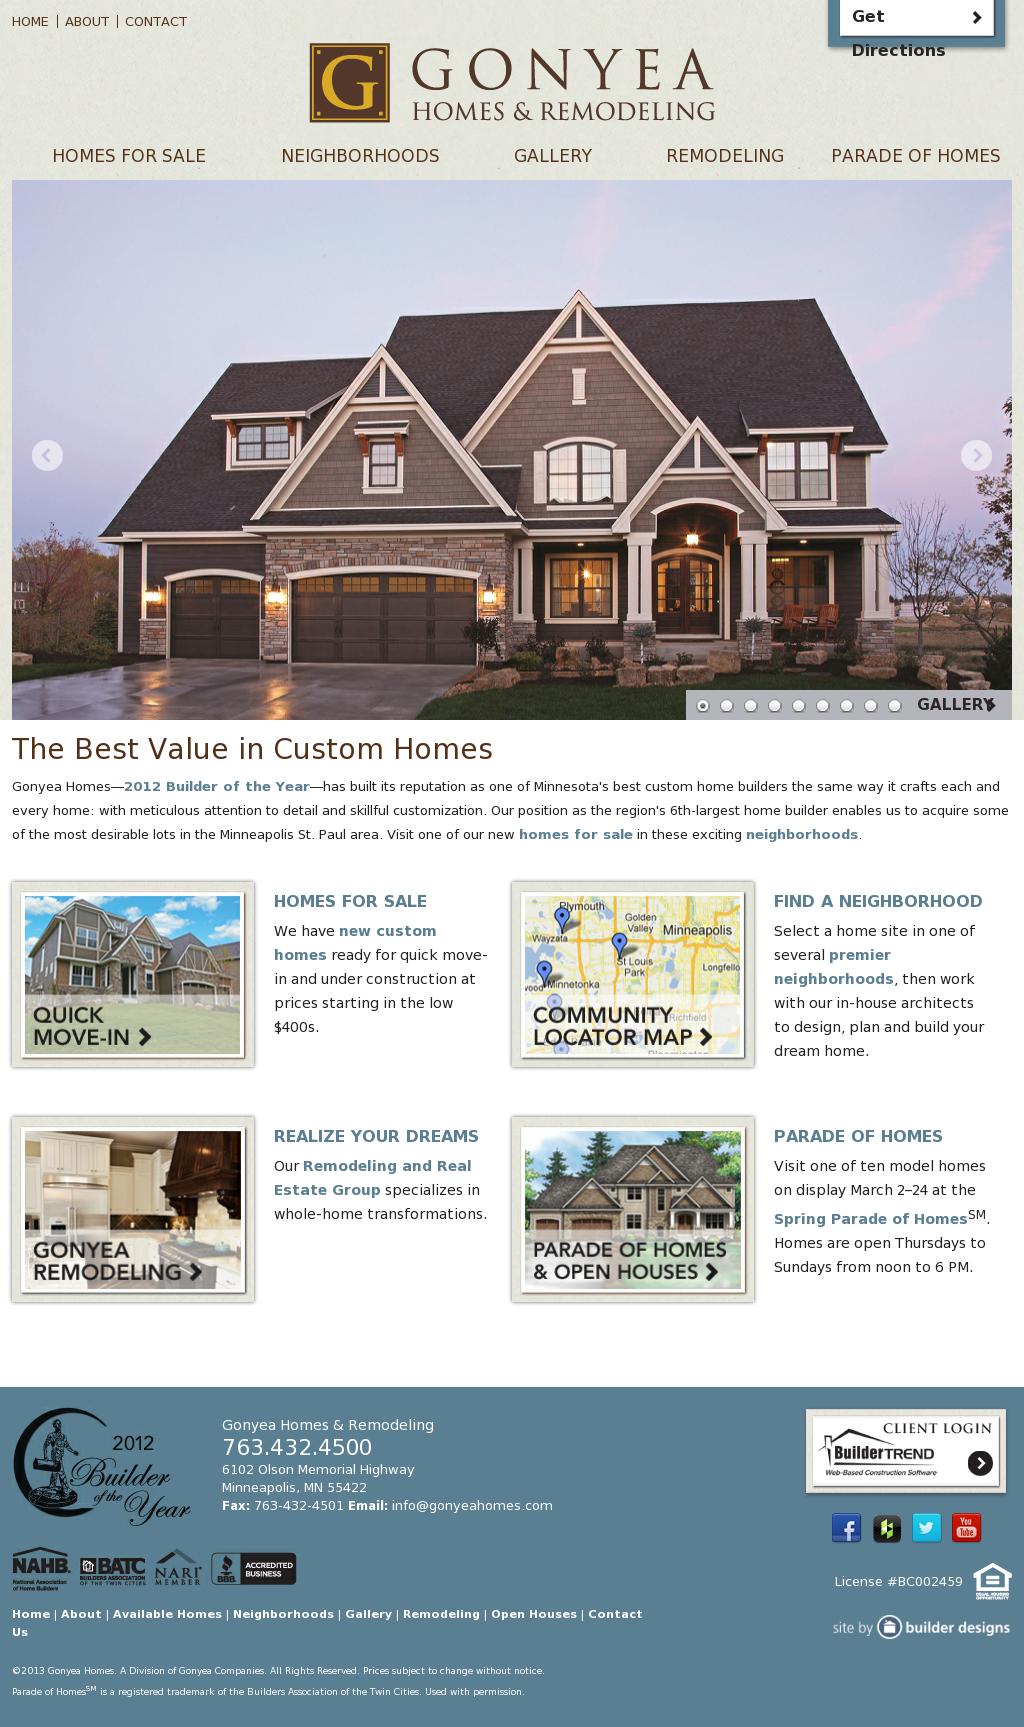 Gonyea Homes Remodeling Website Design Web Design Homes